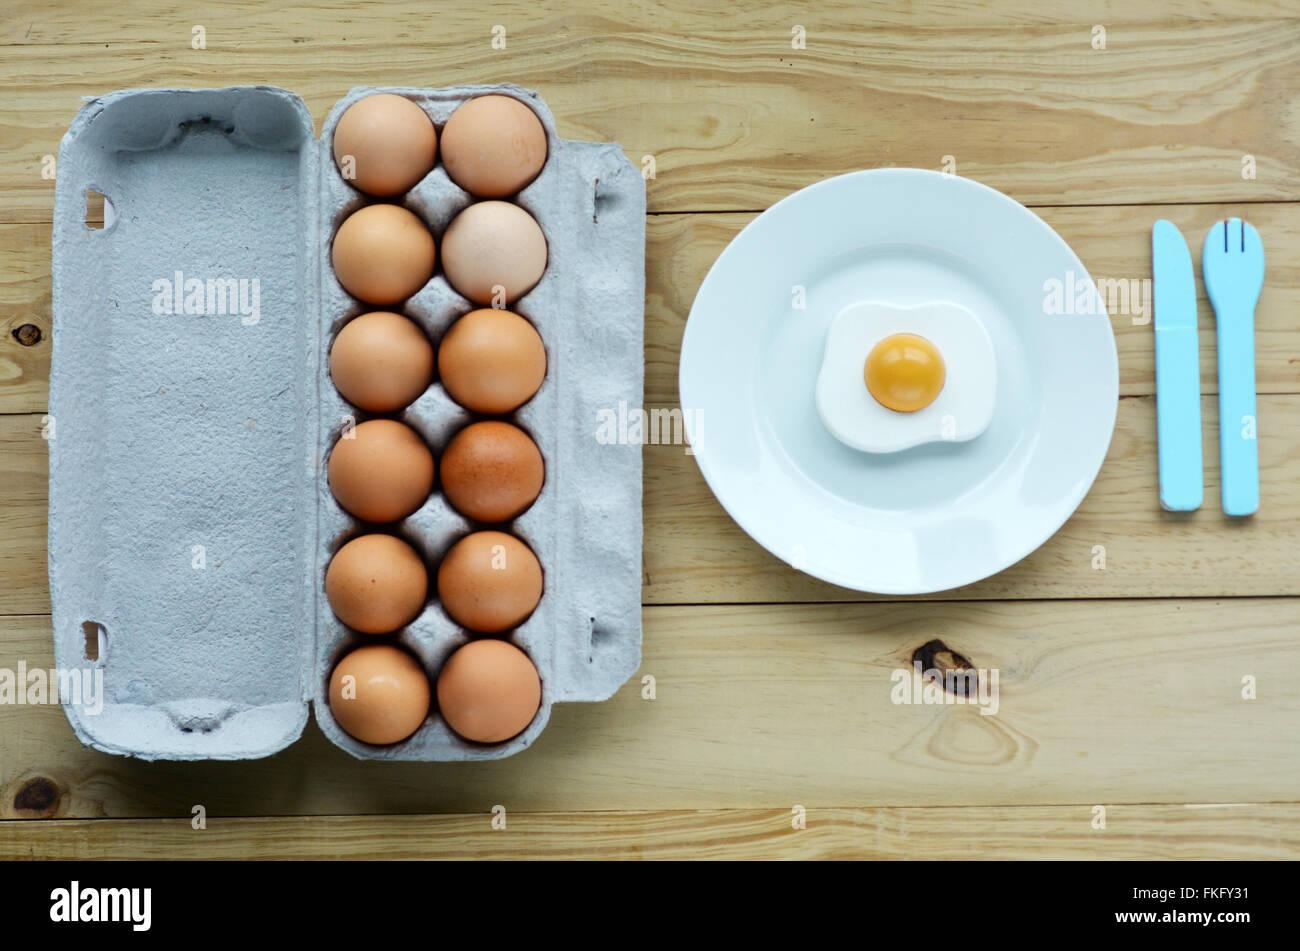 Sentar planas de huevos en bandeja junto a una placa blanca con sunny side up huevo y cuchillo y tenedor de madera.Fondo Imagen De Stock